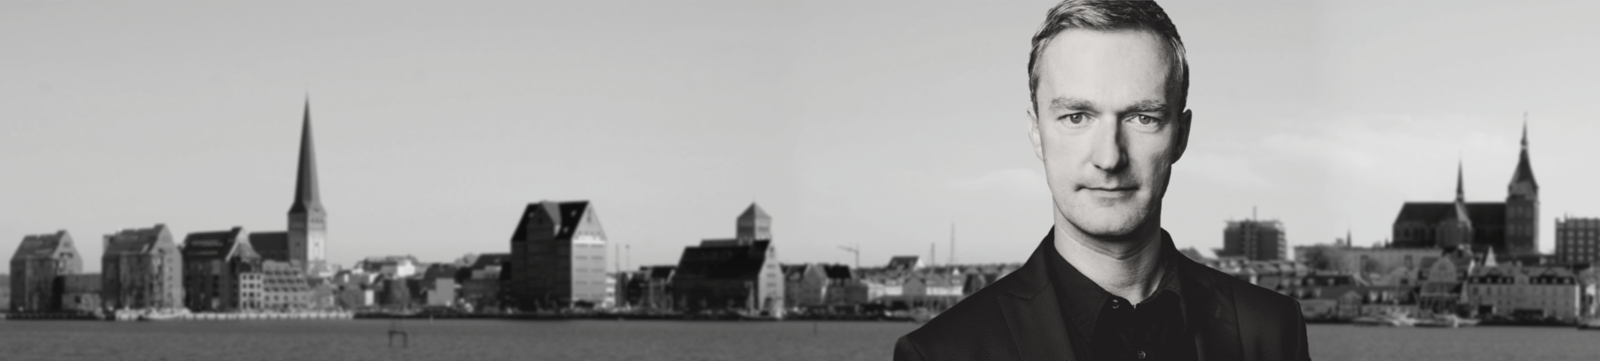 Ihr Anwalt für Arbeitsrecht in Rostock